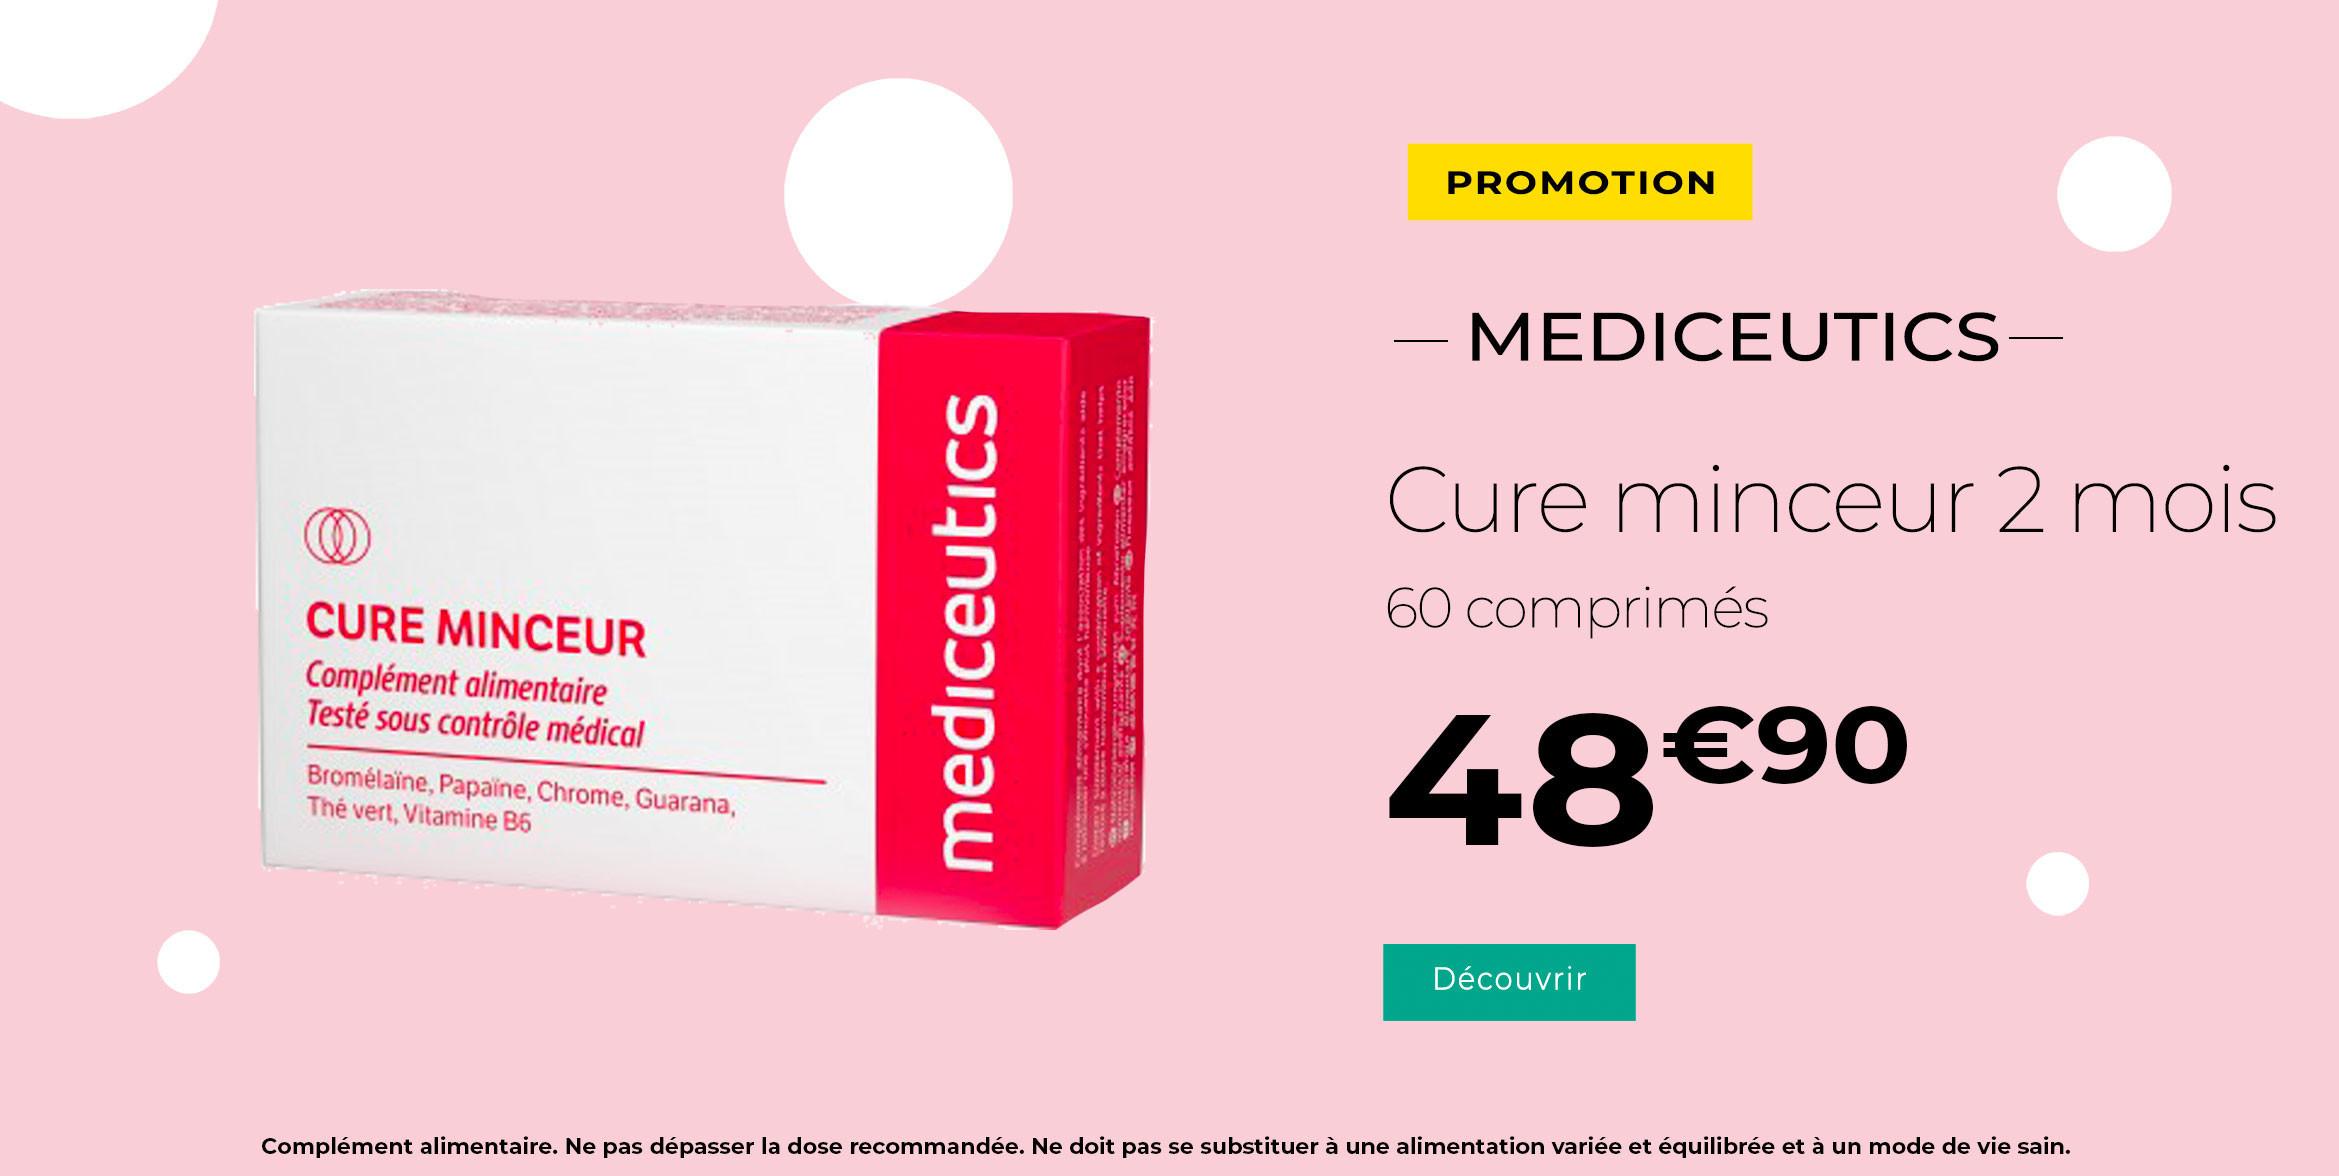 Mediceutic Medispa Mediceutics Cure Minceur 60 Comprimes